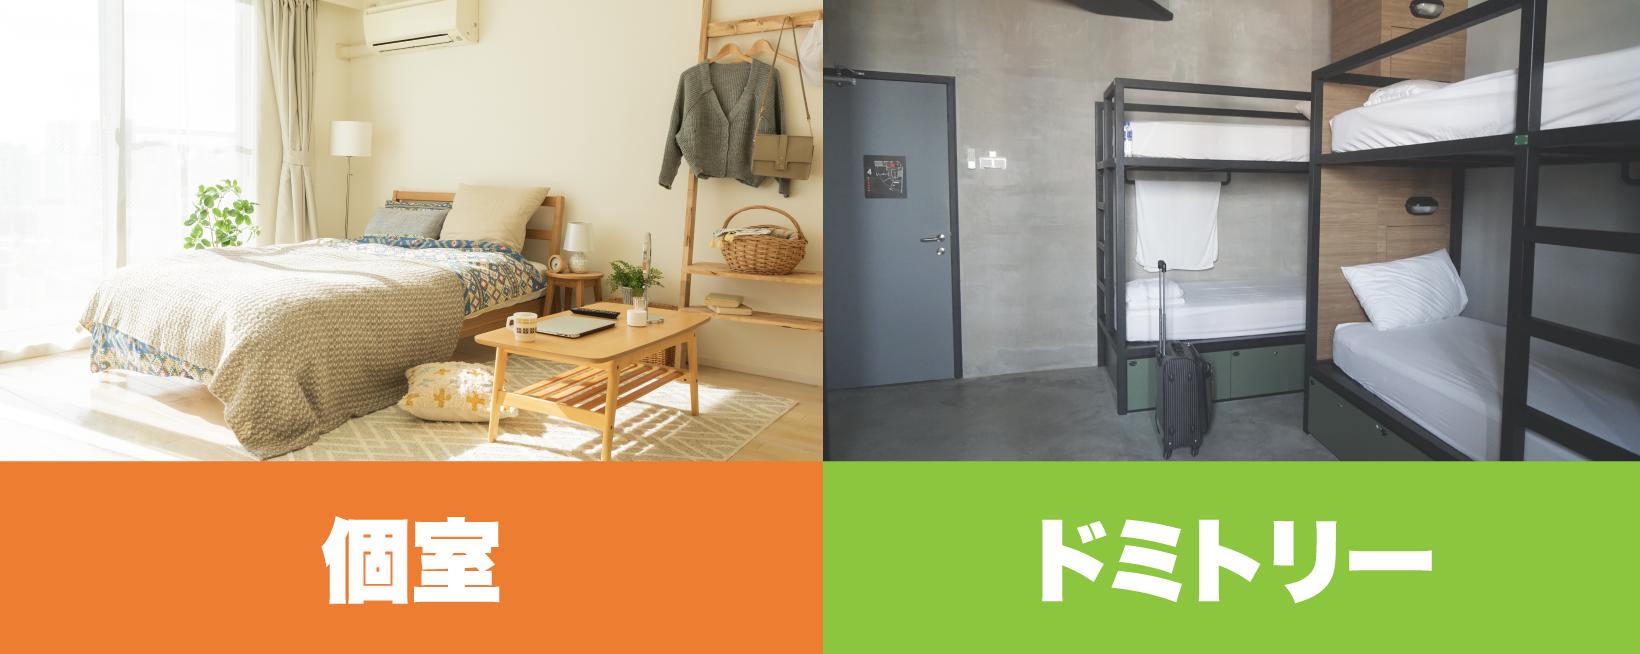 シェアハウスには、プライベートが確保される個室タイプと、複数人で部屋をシェアするドミトリータイプがある